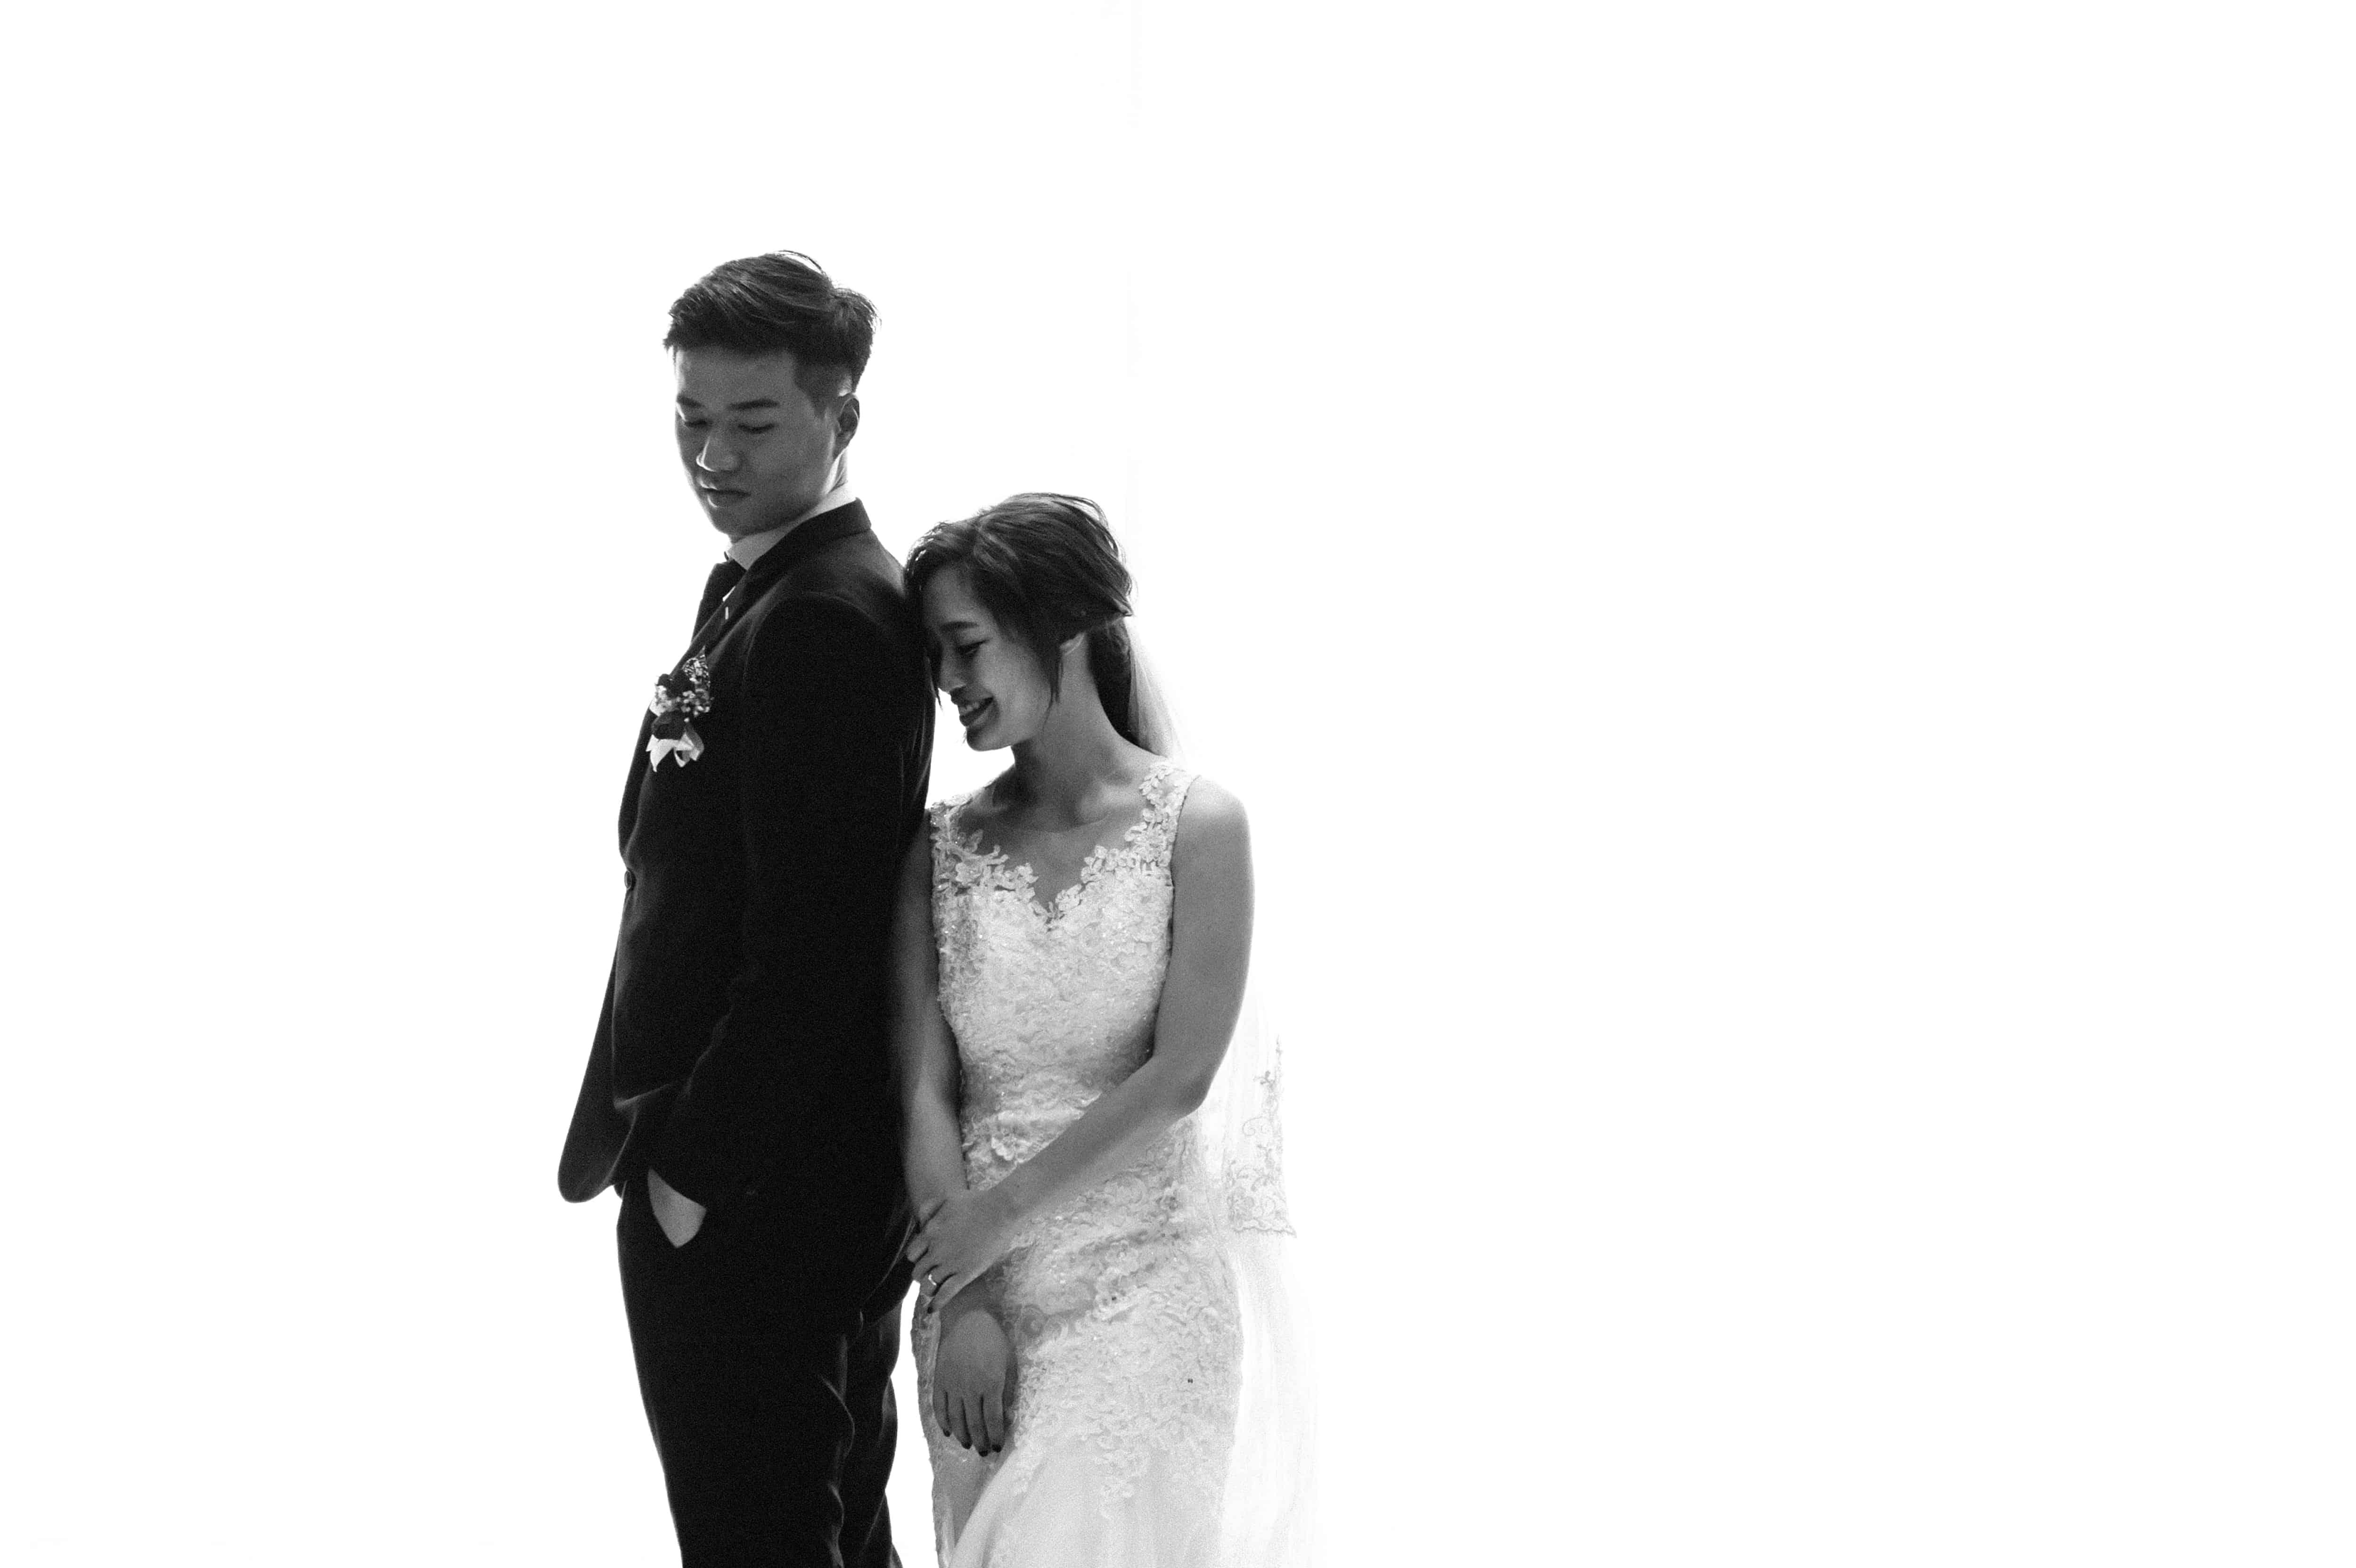 婚禮紀錄,婚禮攝影,雙主攝,雙人雙機,宜蘭,礁溪,寒沐酒店,囍堂,婚攝推薦,新秘推薦,新娘物語推薦,北部婚攝,文定儀式,迎娶儀式,闖關,類婚紗